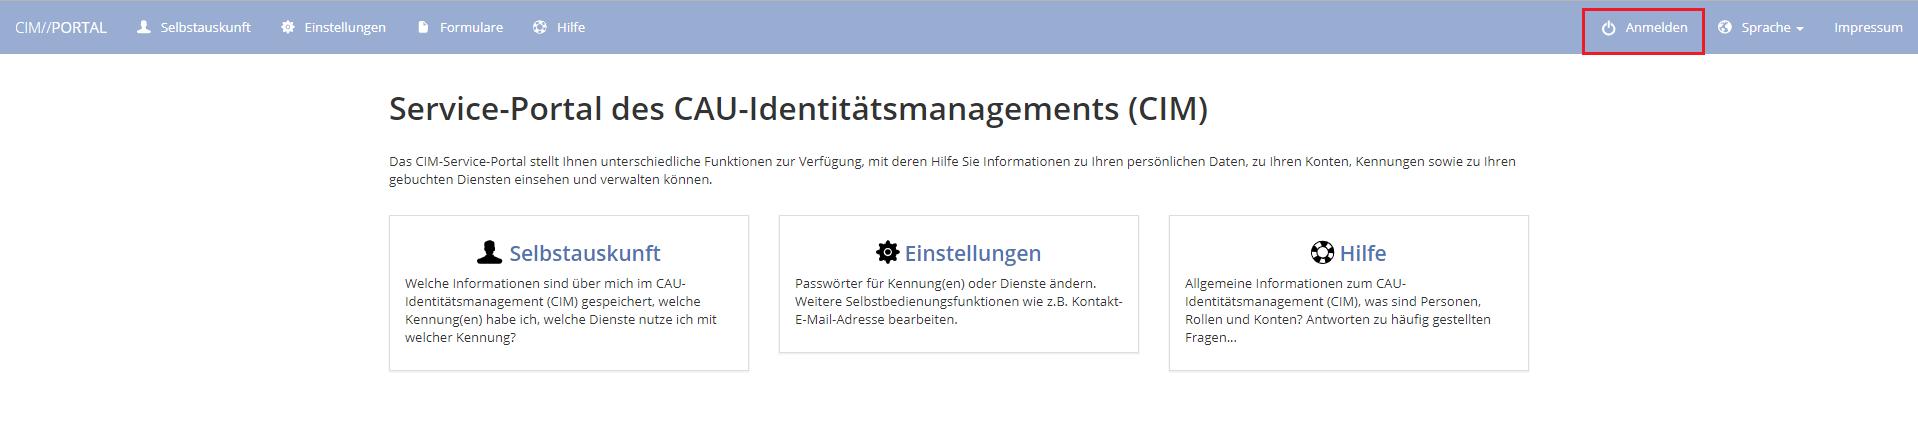 Bild: CIM-Startseite